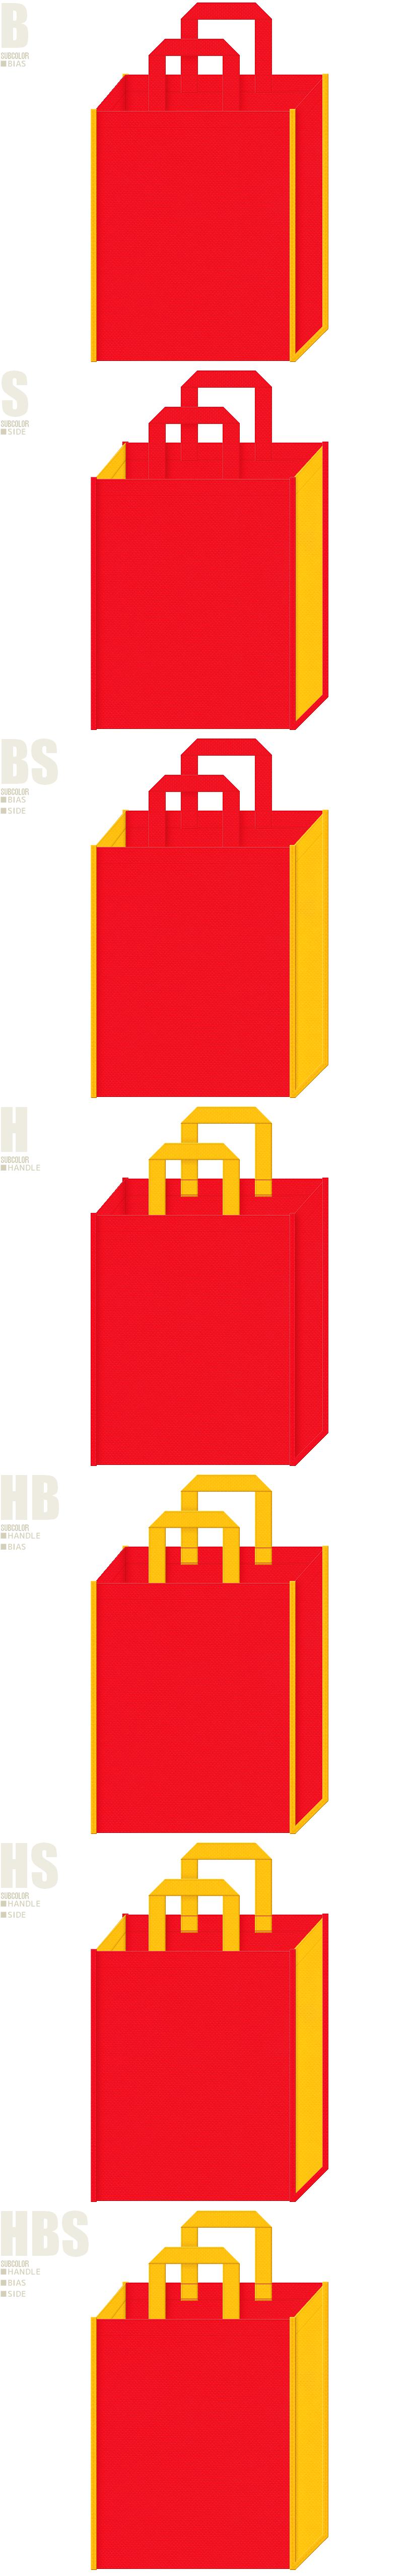 琉球舞踊・アフリカ・カーニバル・サンバ・ピエロ・サーカス・ゲーム・パズル・おもちゃ・テーマパーク・アミューズメント・キッズイベントにお奨めの不織布バッグデザイン:赤色と黄色の配色7パターン